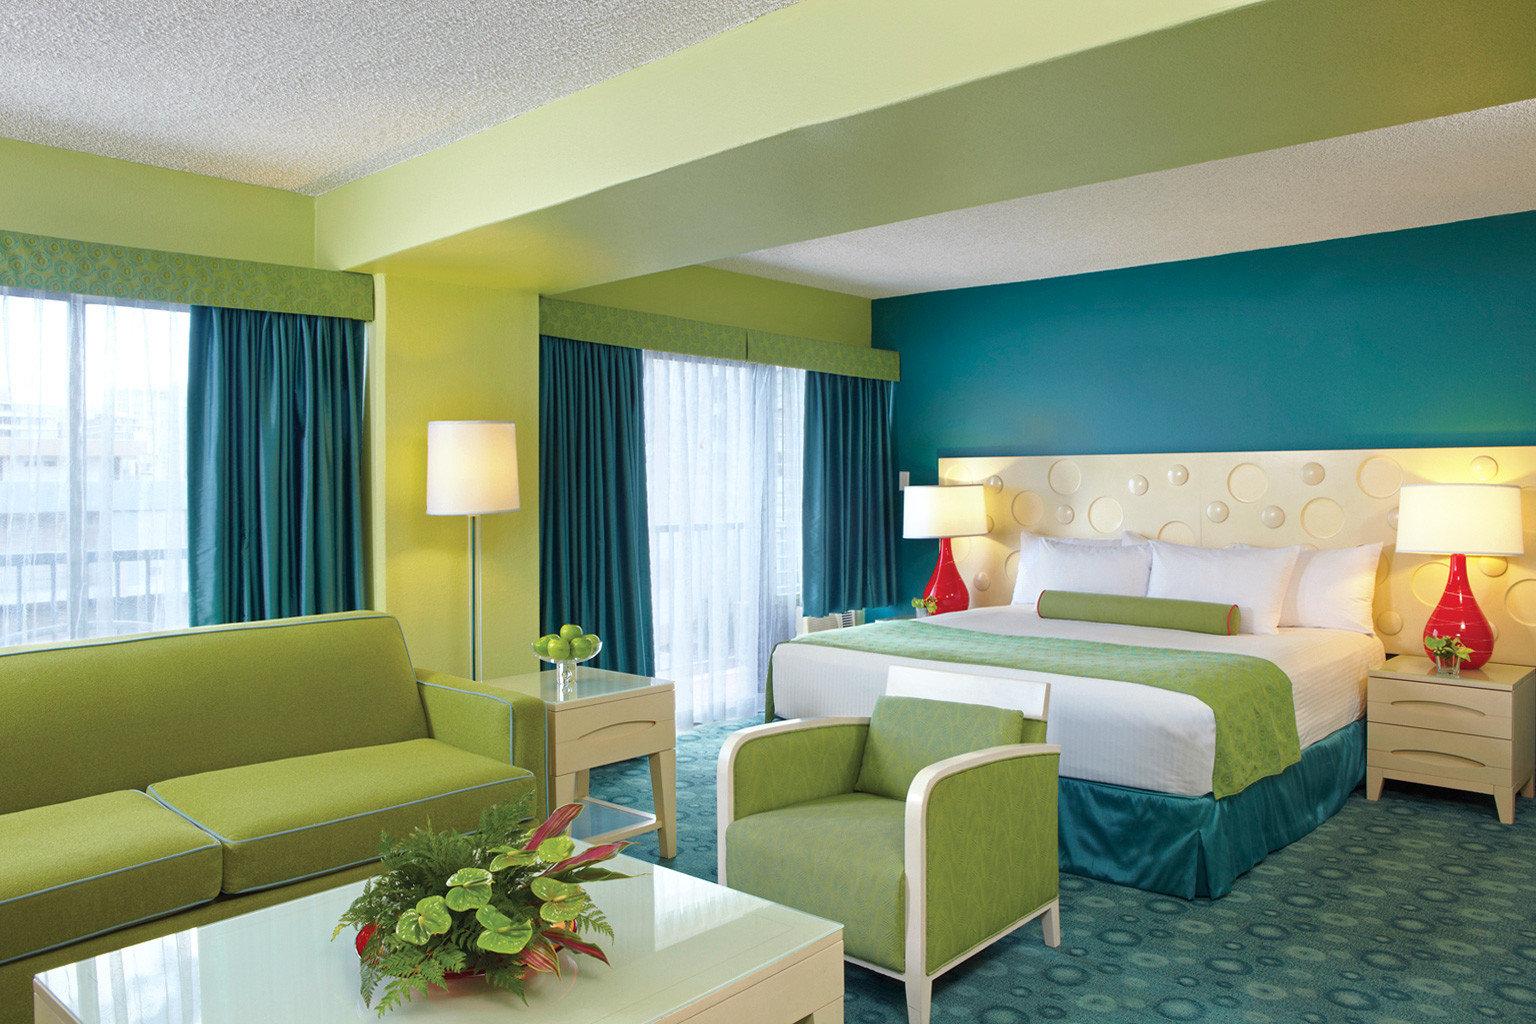 Hyatt Regency Green Bay Room Service Menu